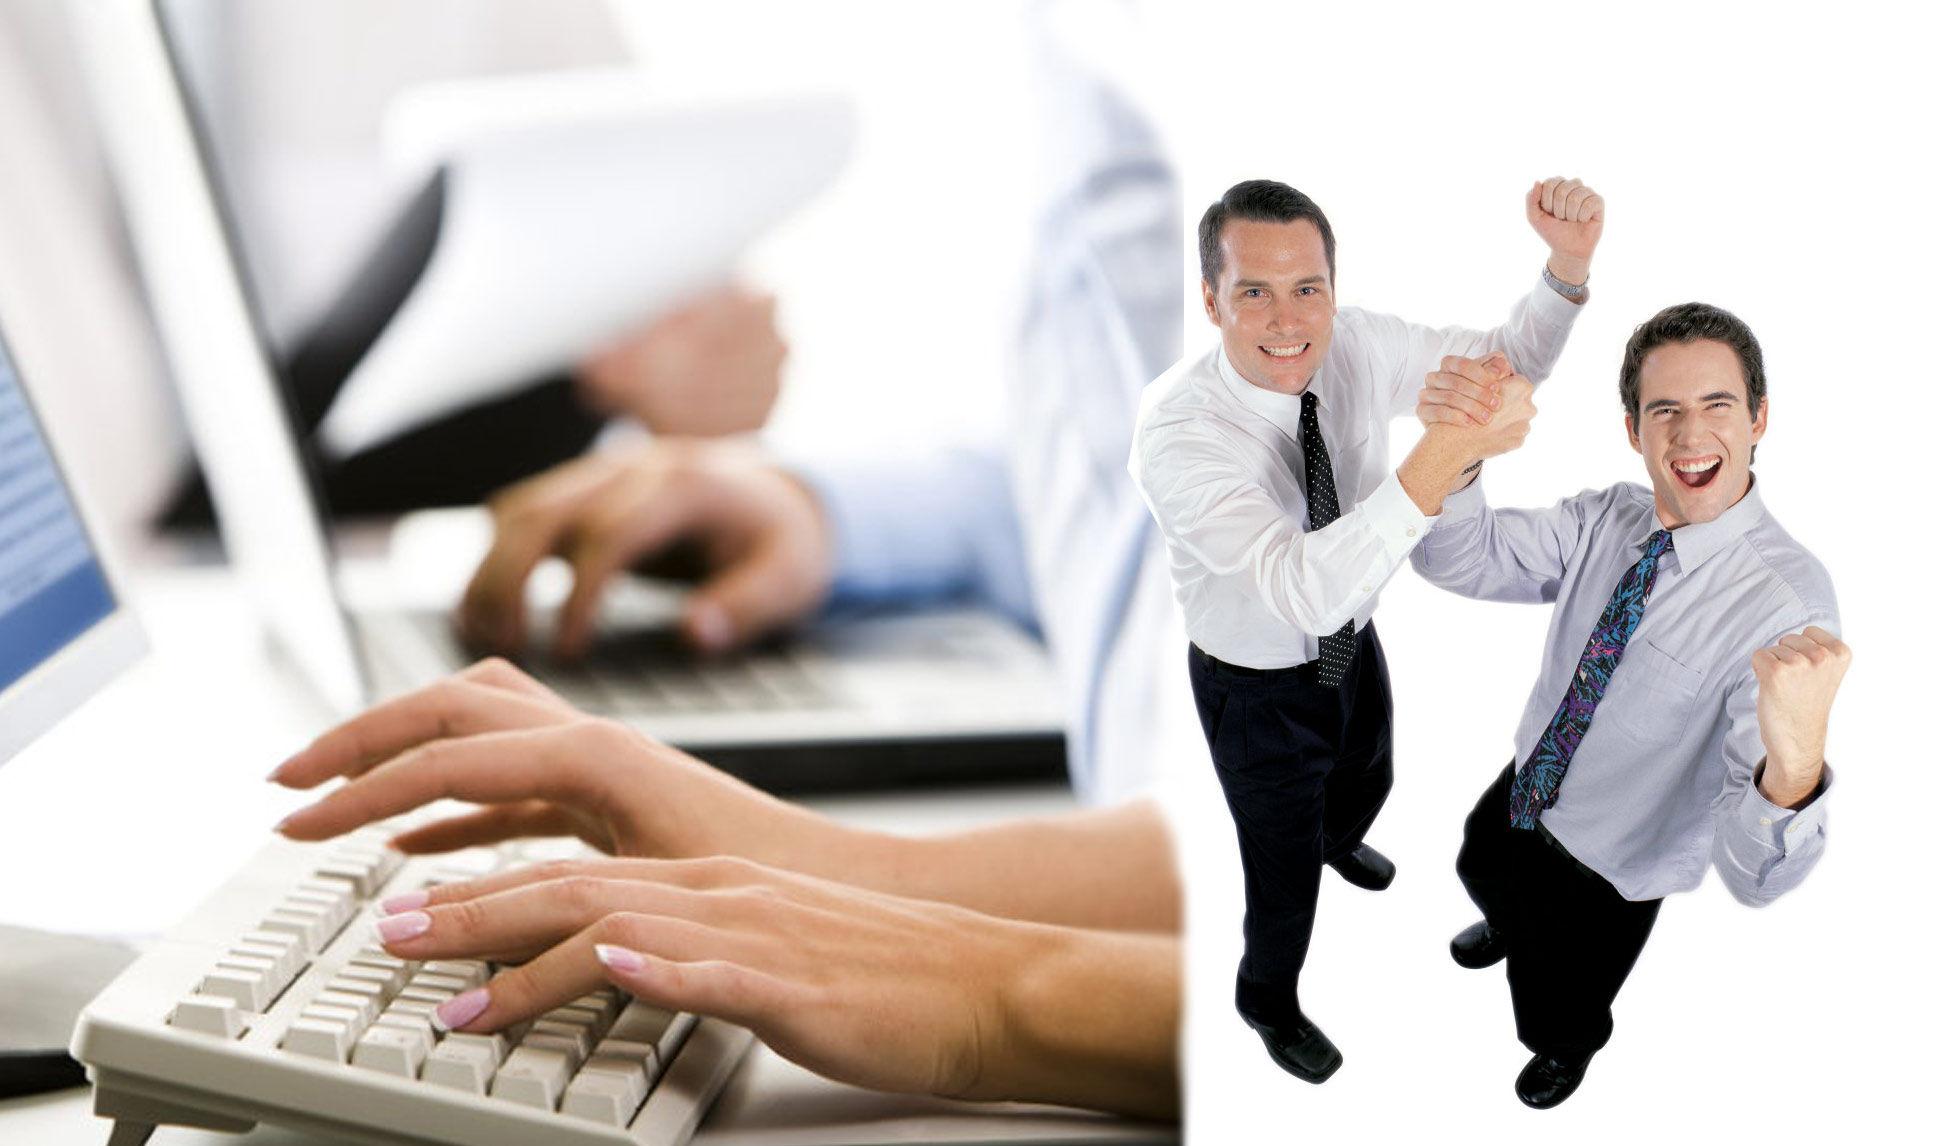 Sửa máy tính cụm công nghiệp Tân Hiệp A